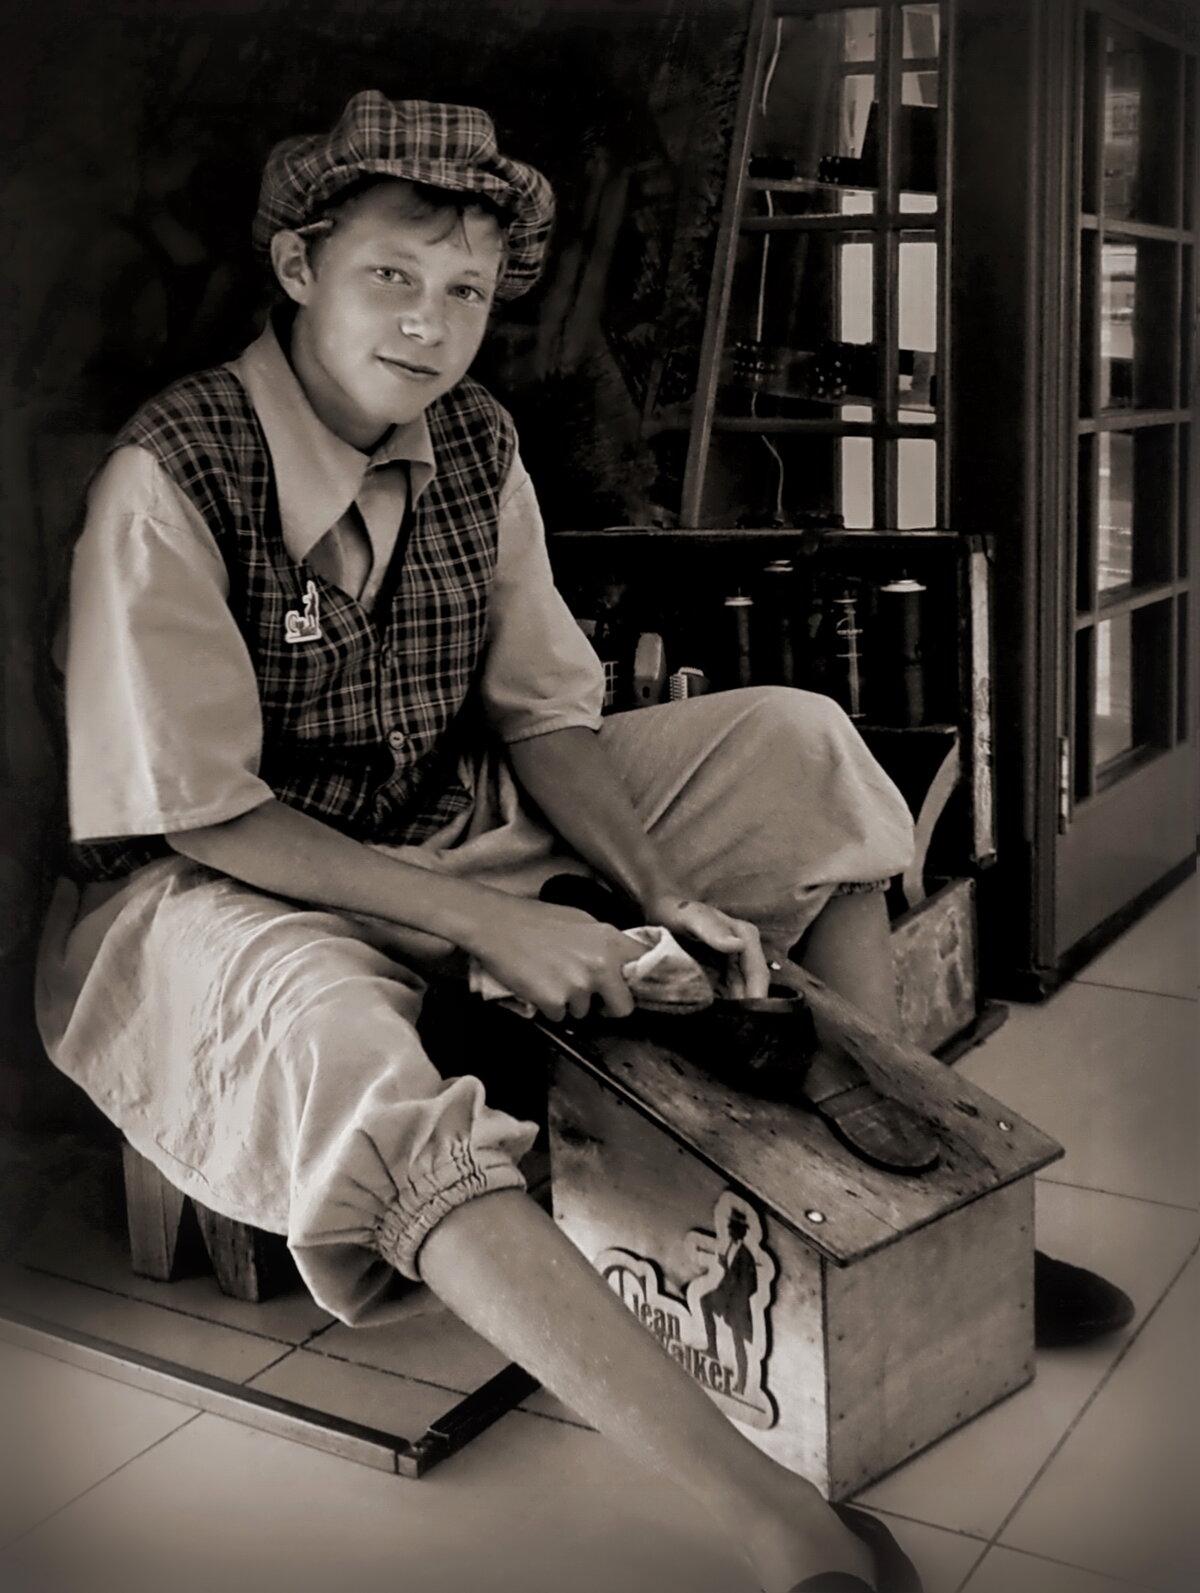 оперативно приехать фото чистильщик обуви гирлянды для